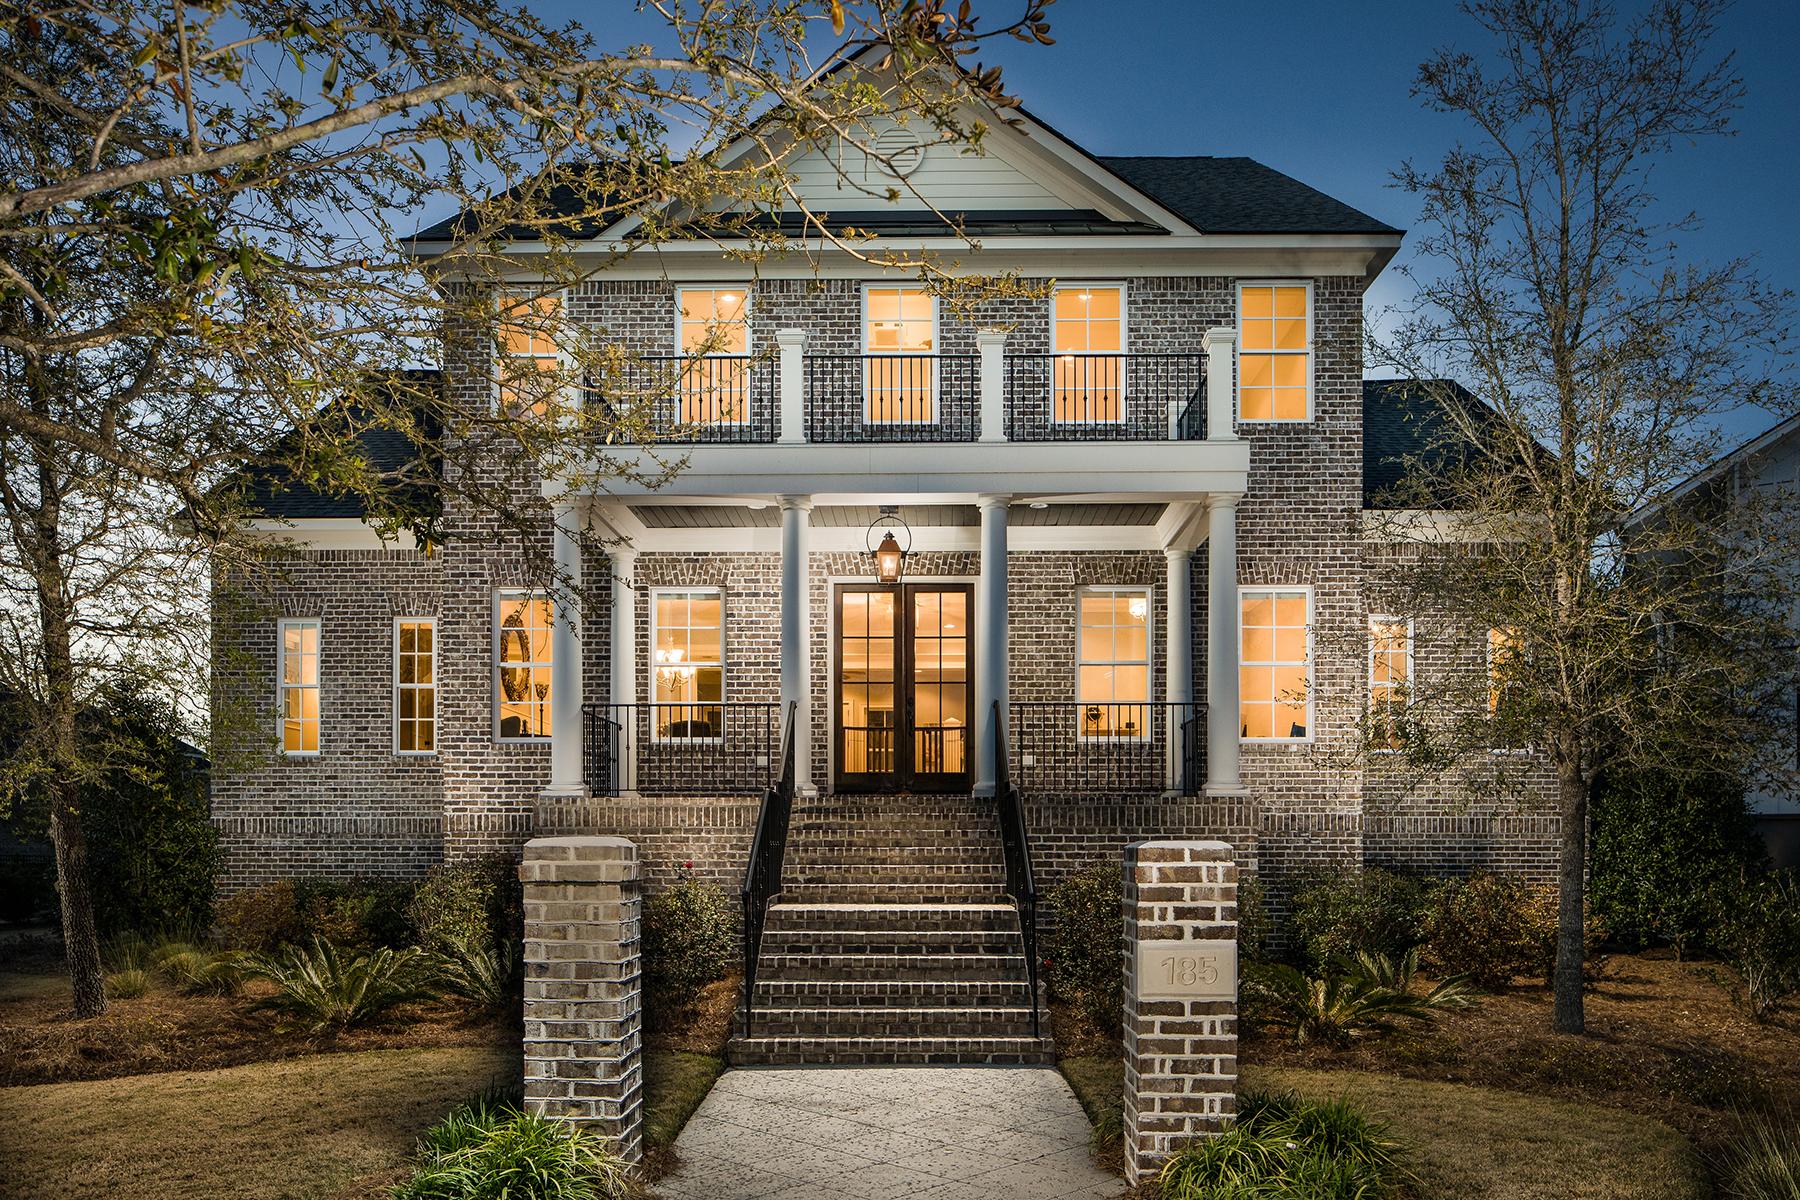 独户住宅 为 销售 在 185 River Green Place 查尔斯顿, 南卡罗来纳州, 29492 美国